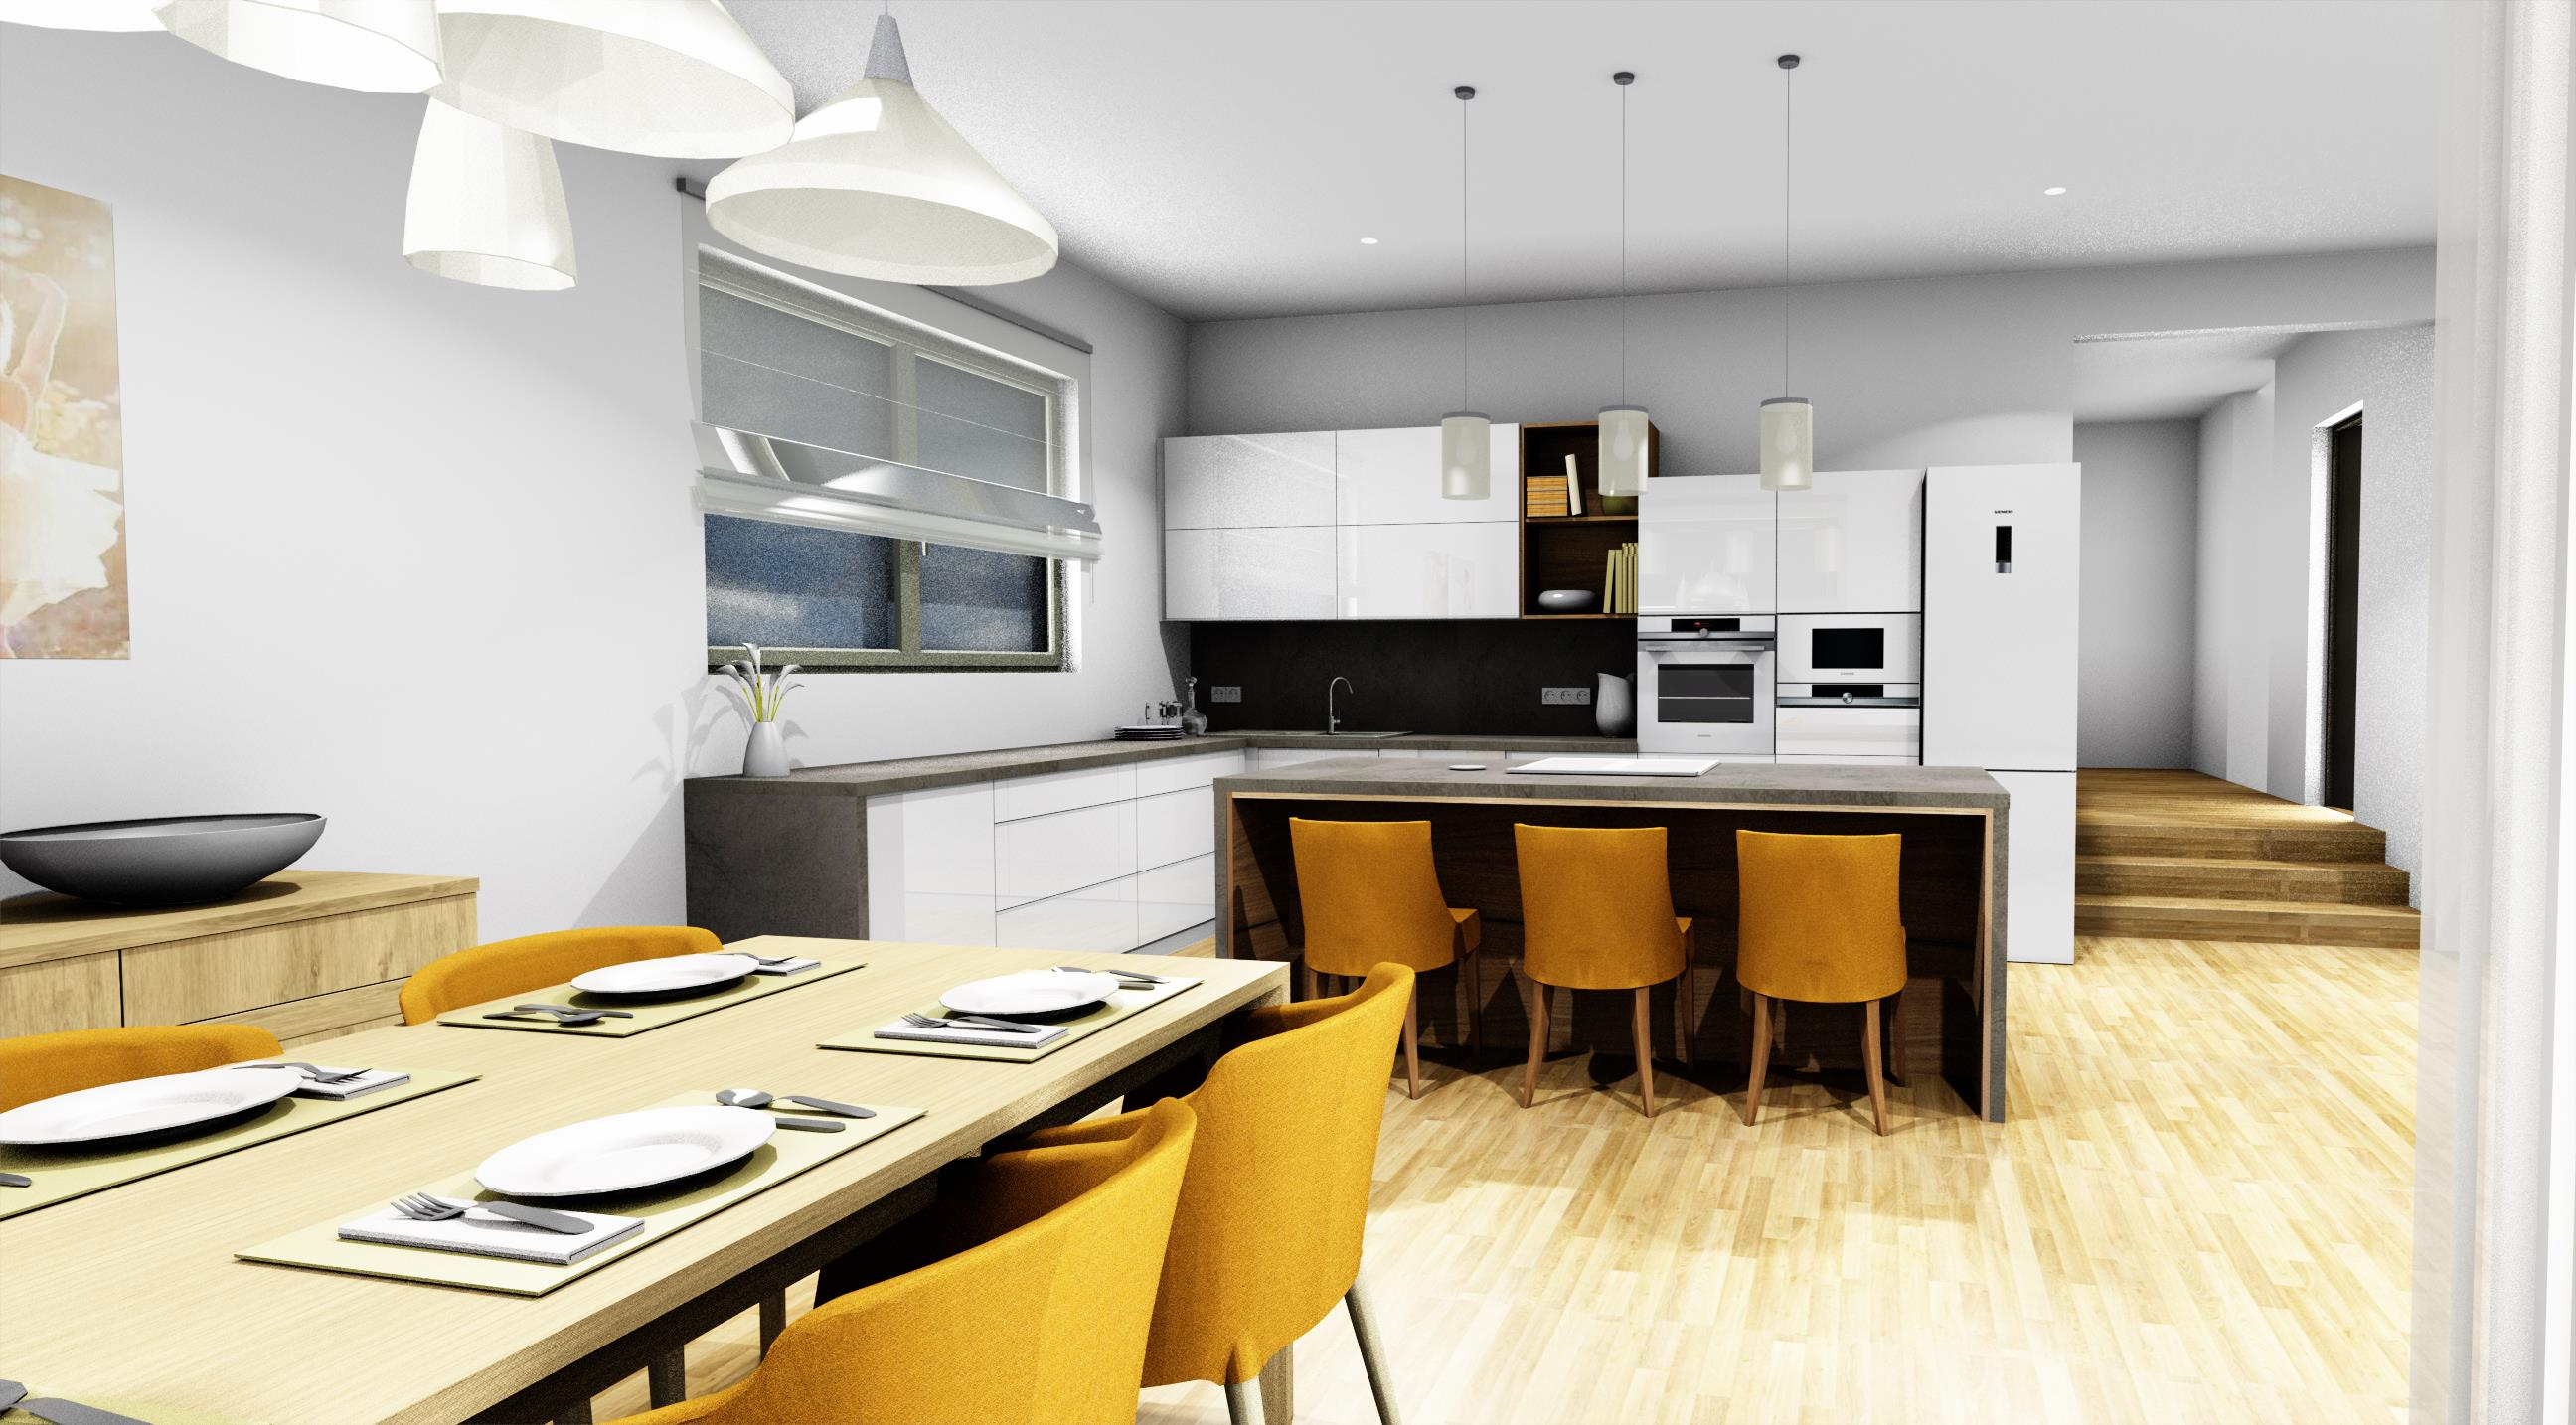 Vizualizace kuchyně, bílý lak v kombinaci s imitací betonu